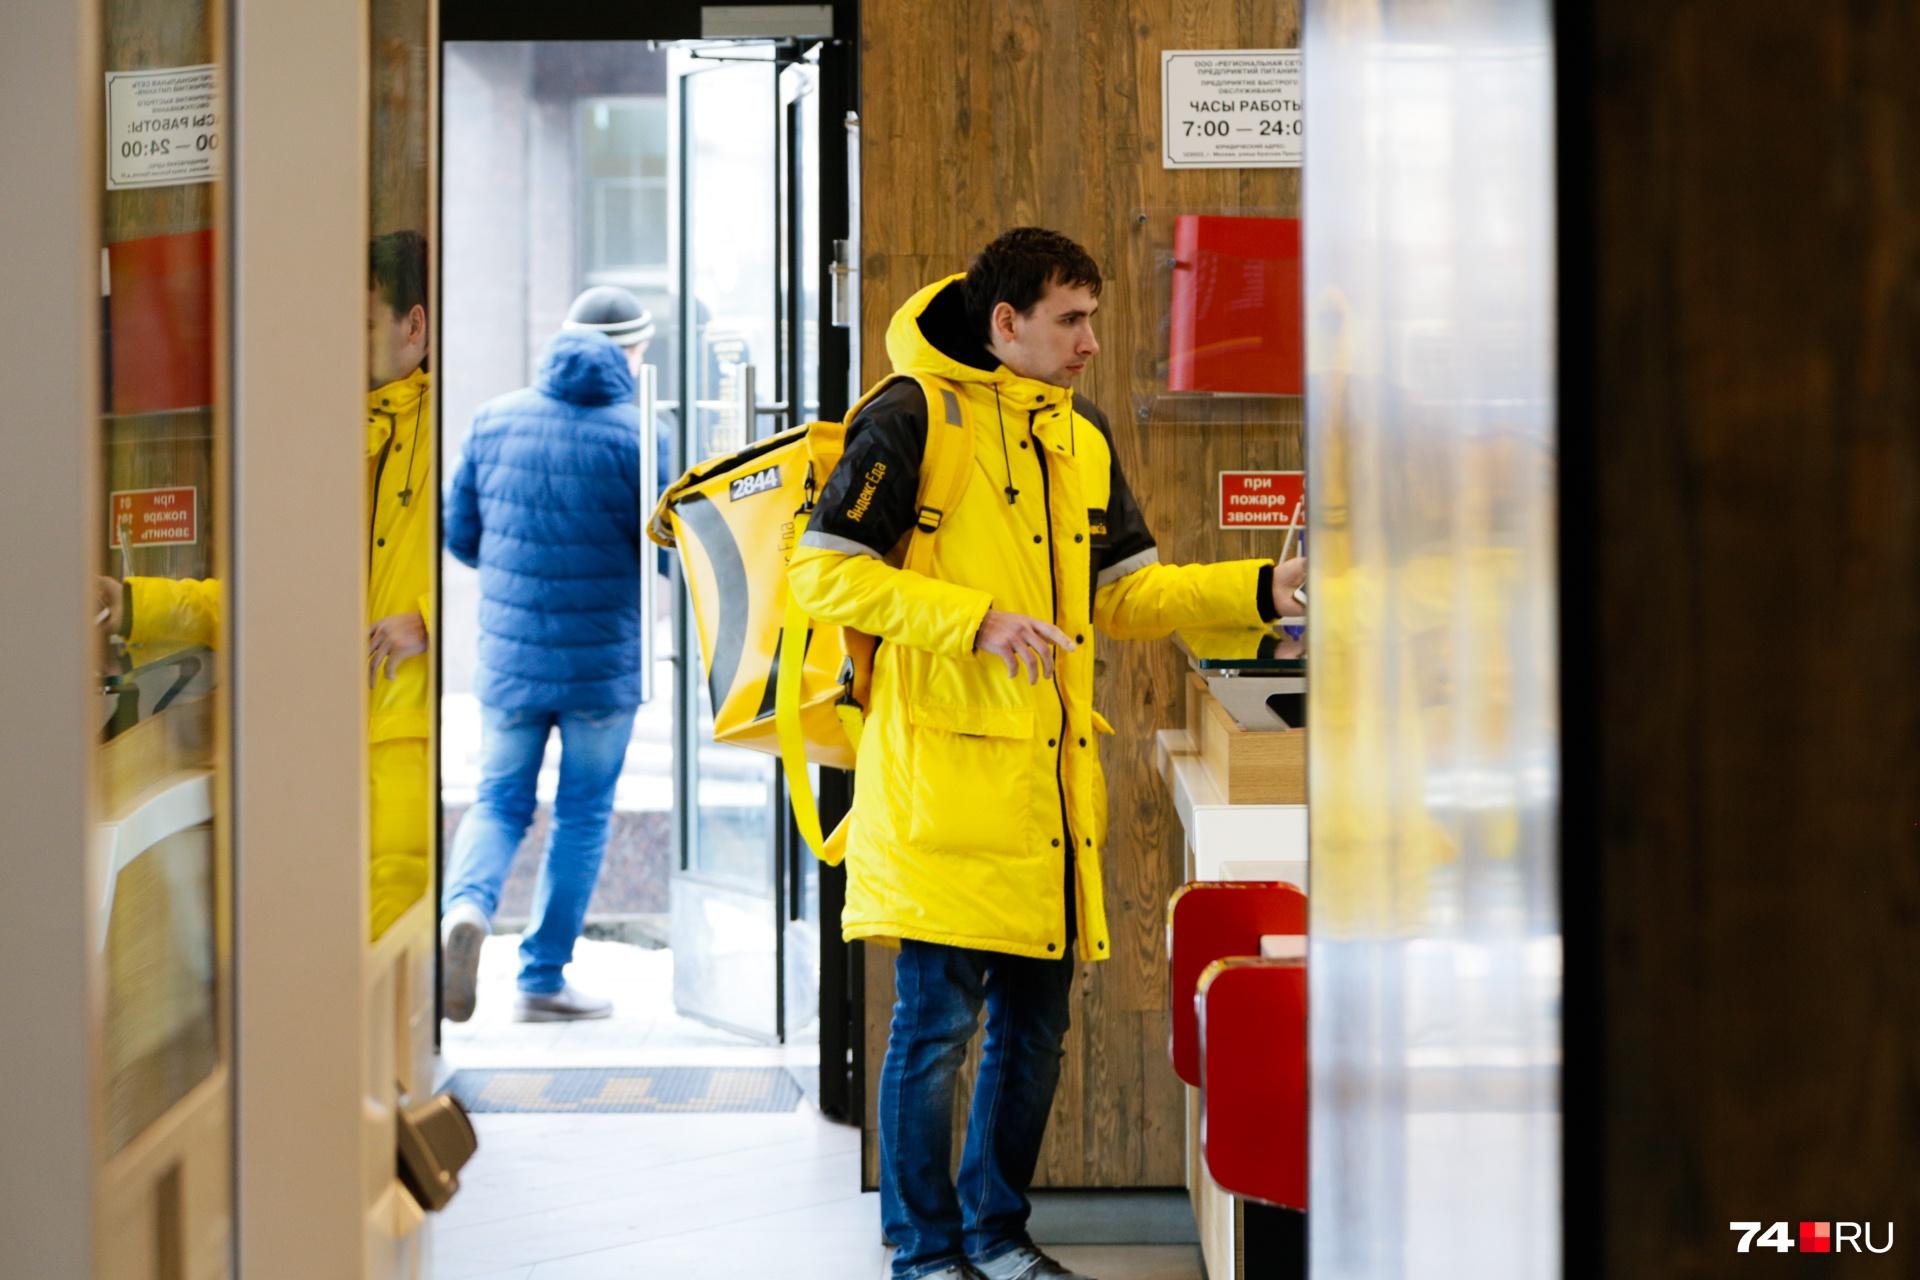 Доставщики ходят со специальными рюкзаками, в которых еда остаётся горячей